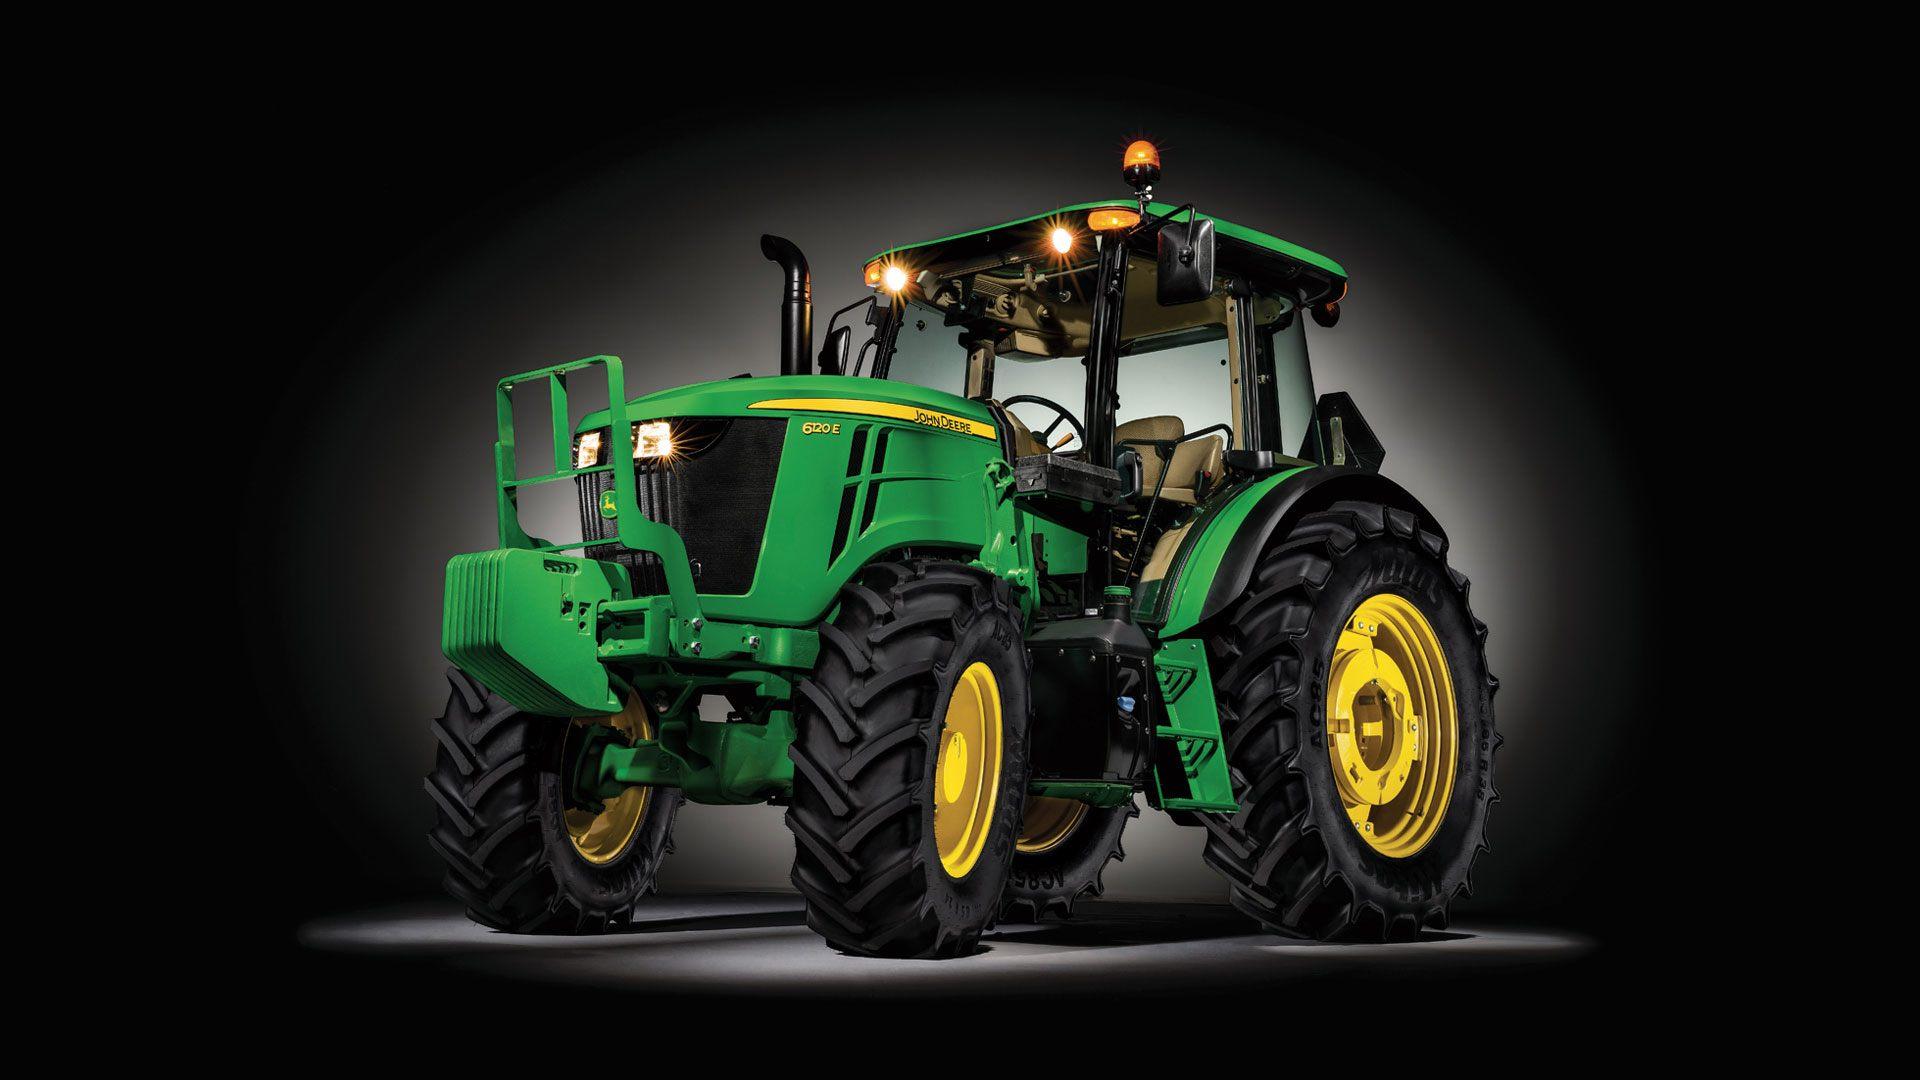 Tractores: el siguiente vehículo autónomo